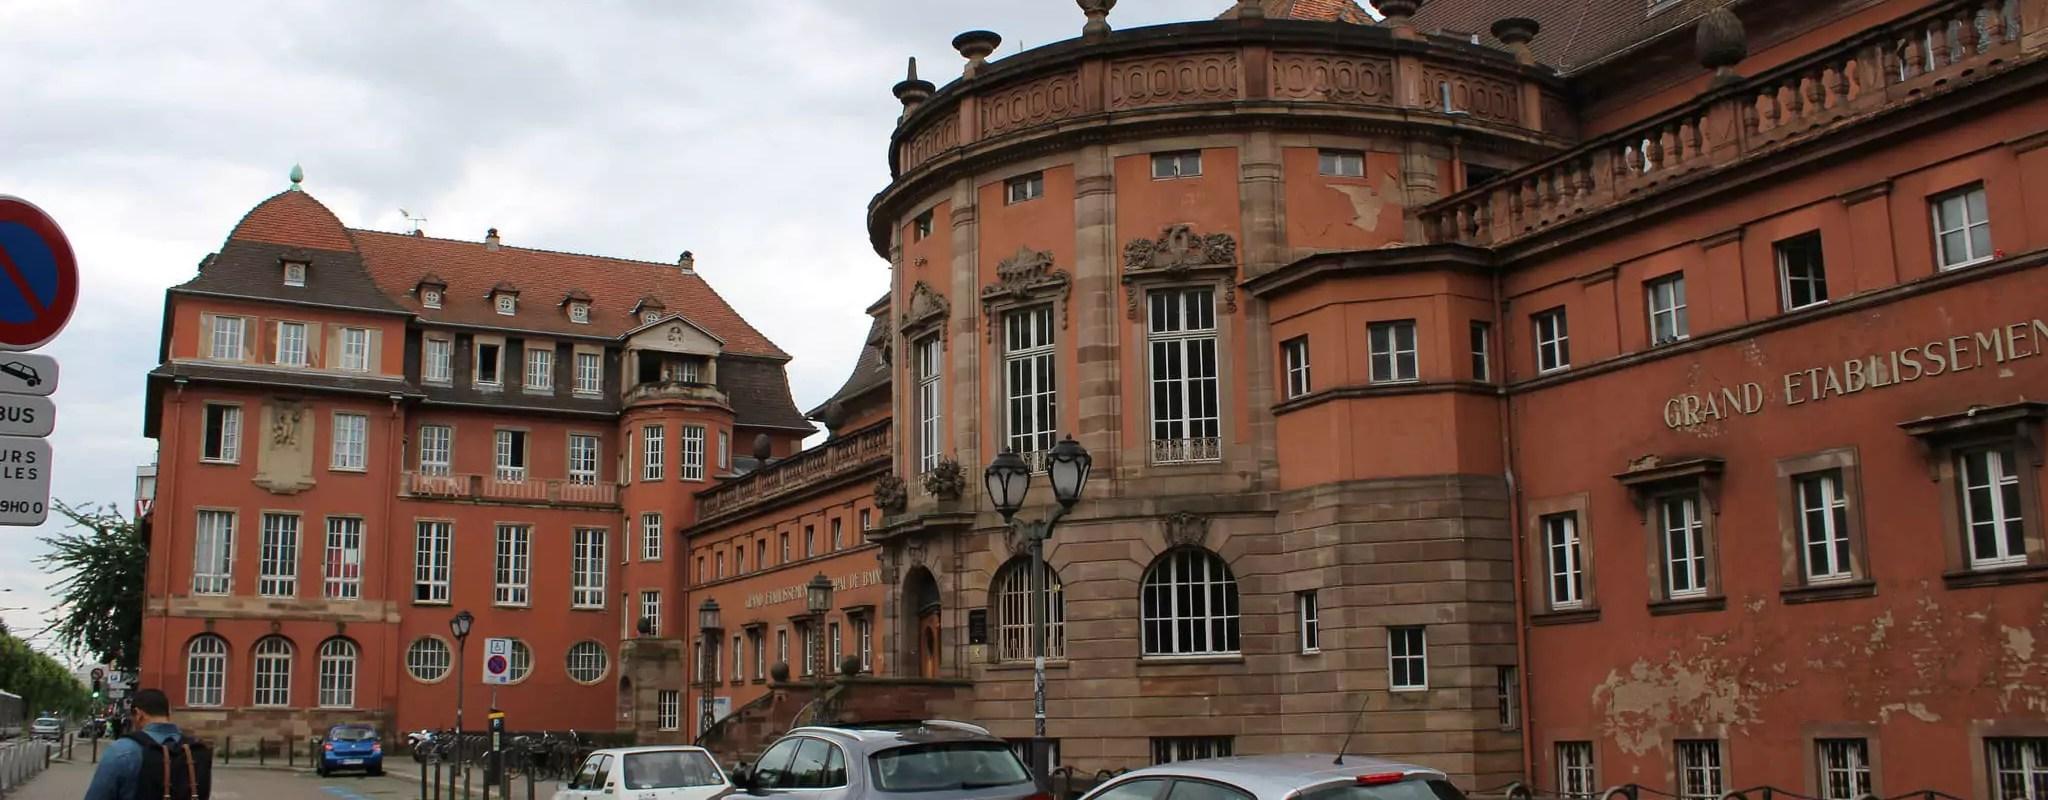 Strasbourg va confier la rénovation et la gestion des Bains municipaux à un groupement d'entreprises